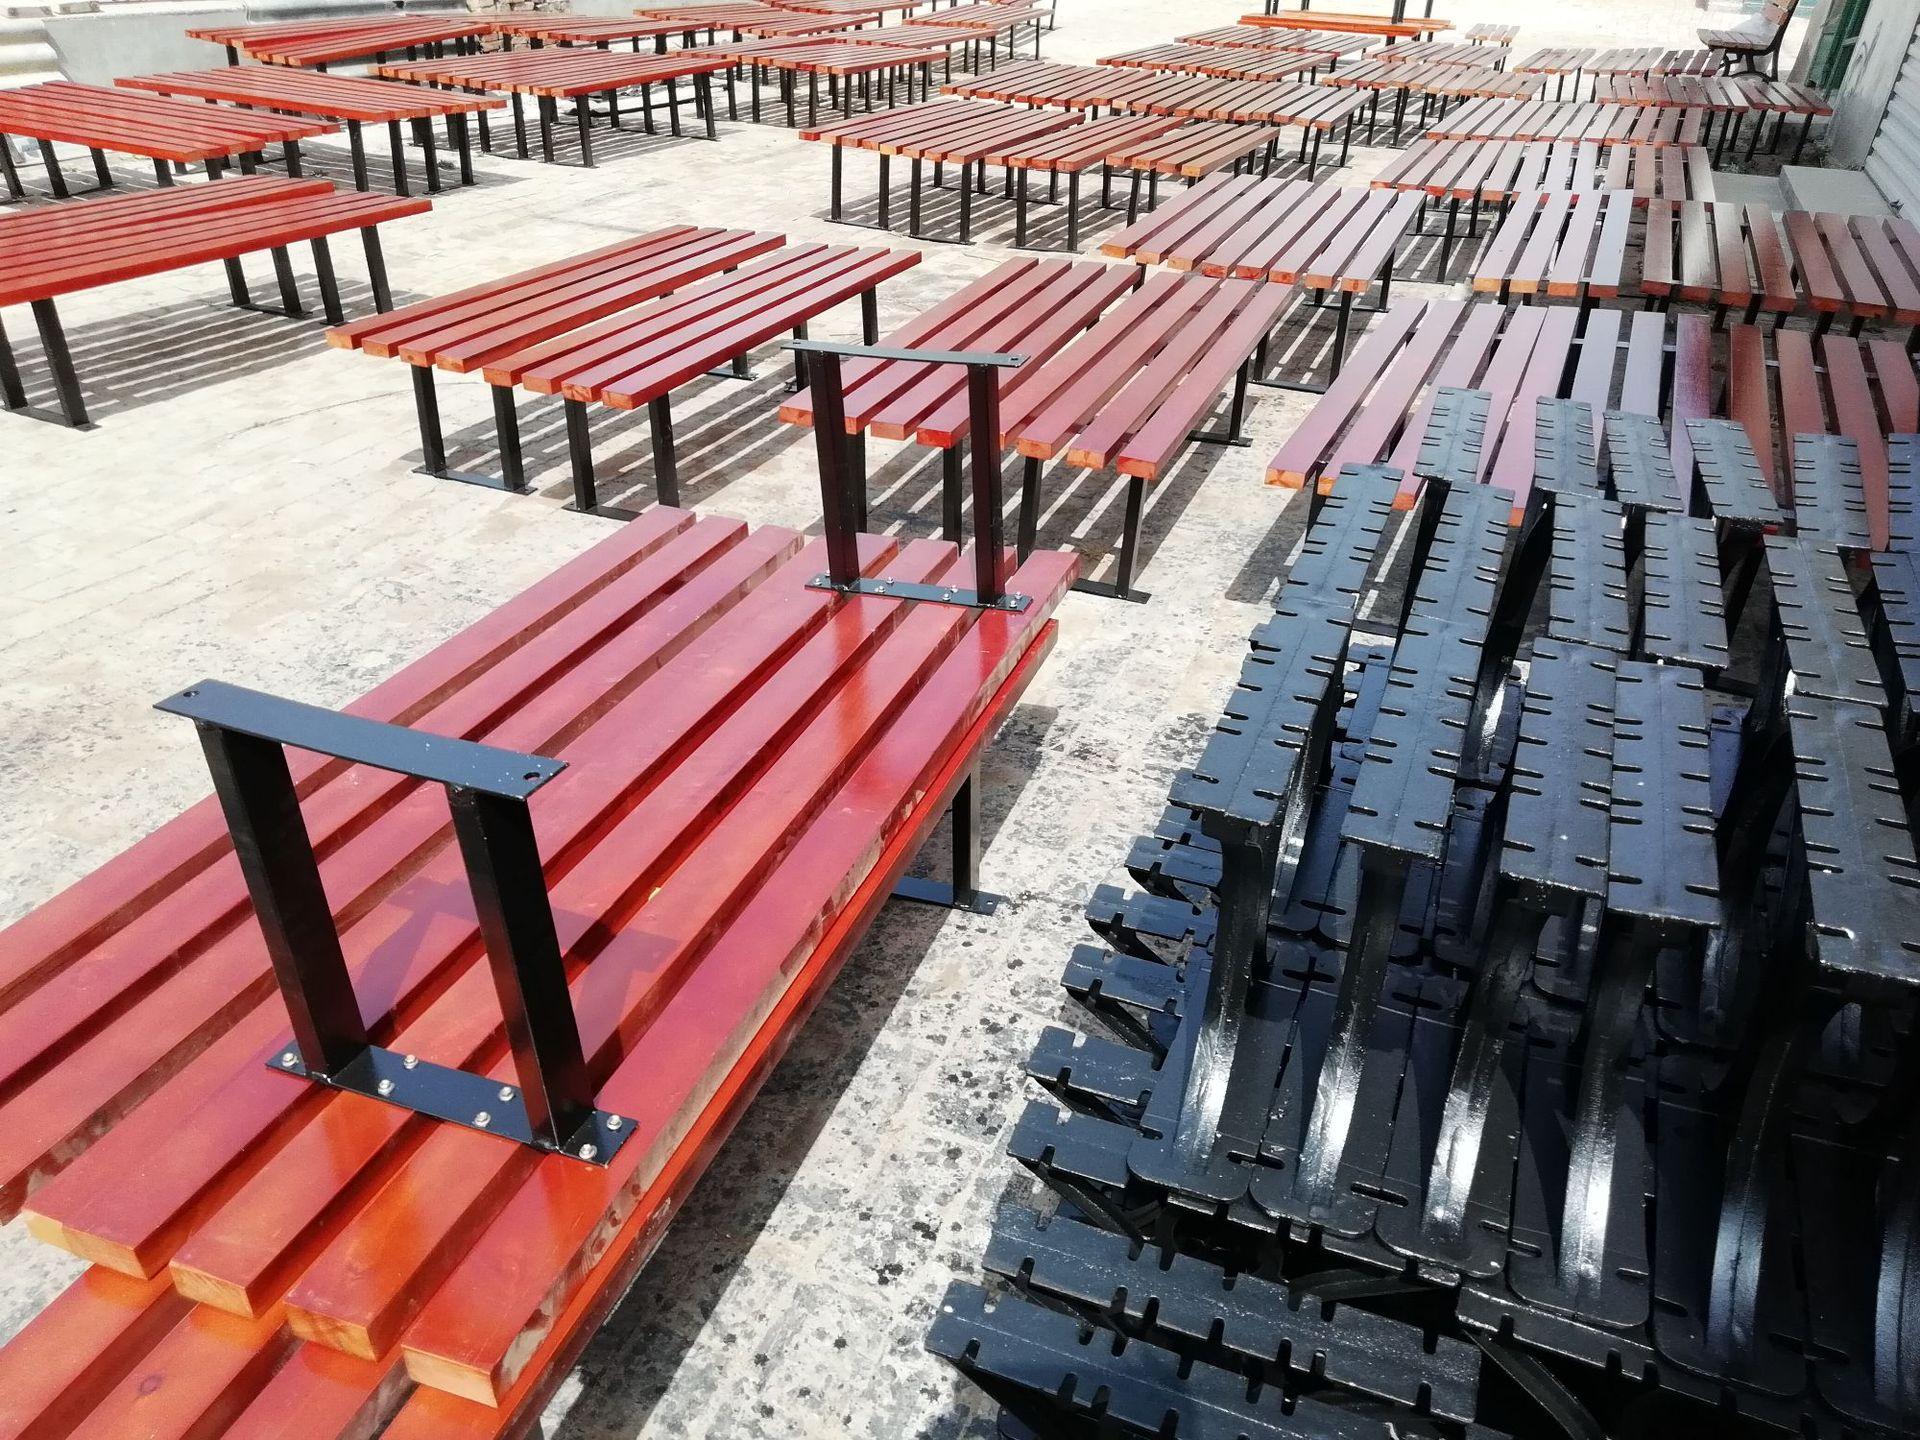 长期供应户外防腐木休闲椅 公园小区座椅 长椅 铸铁腿 实木 塑木示例图23